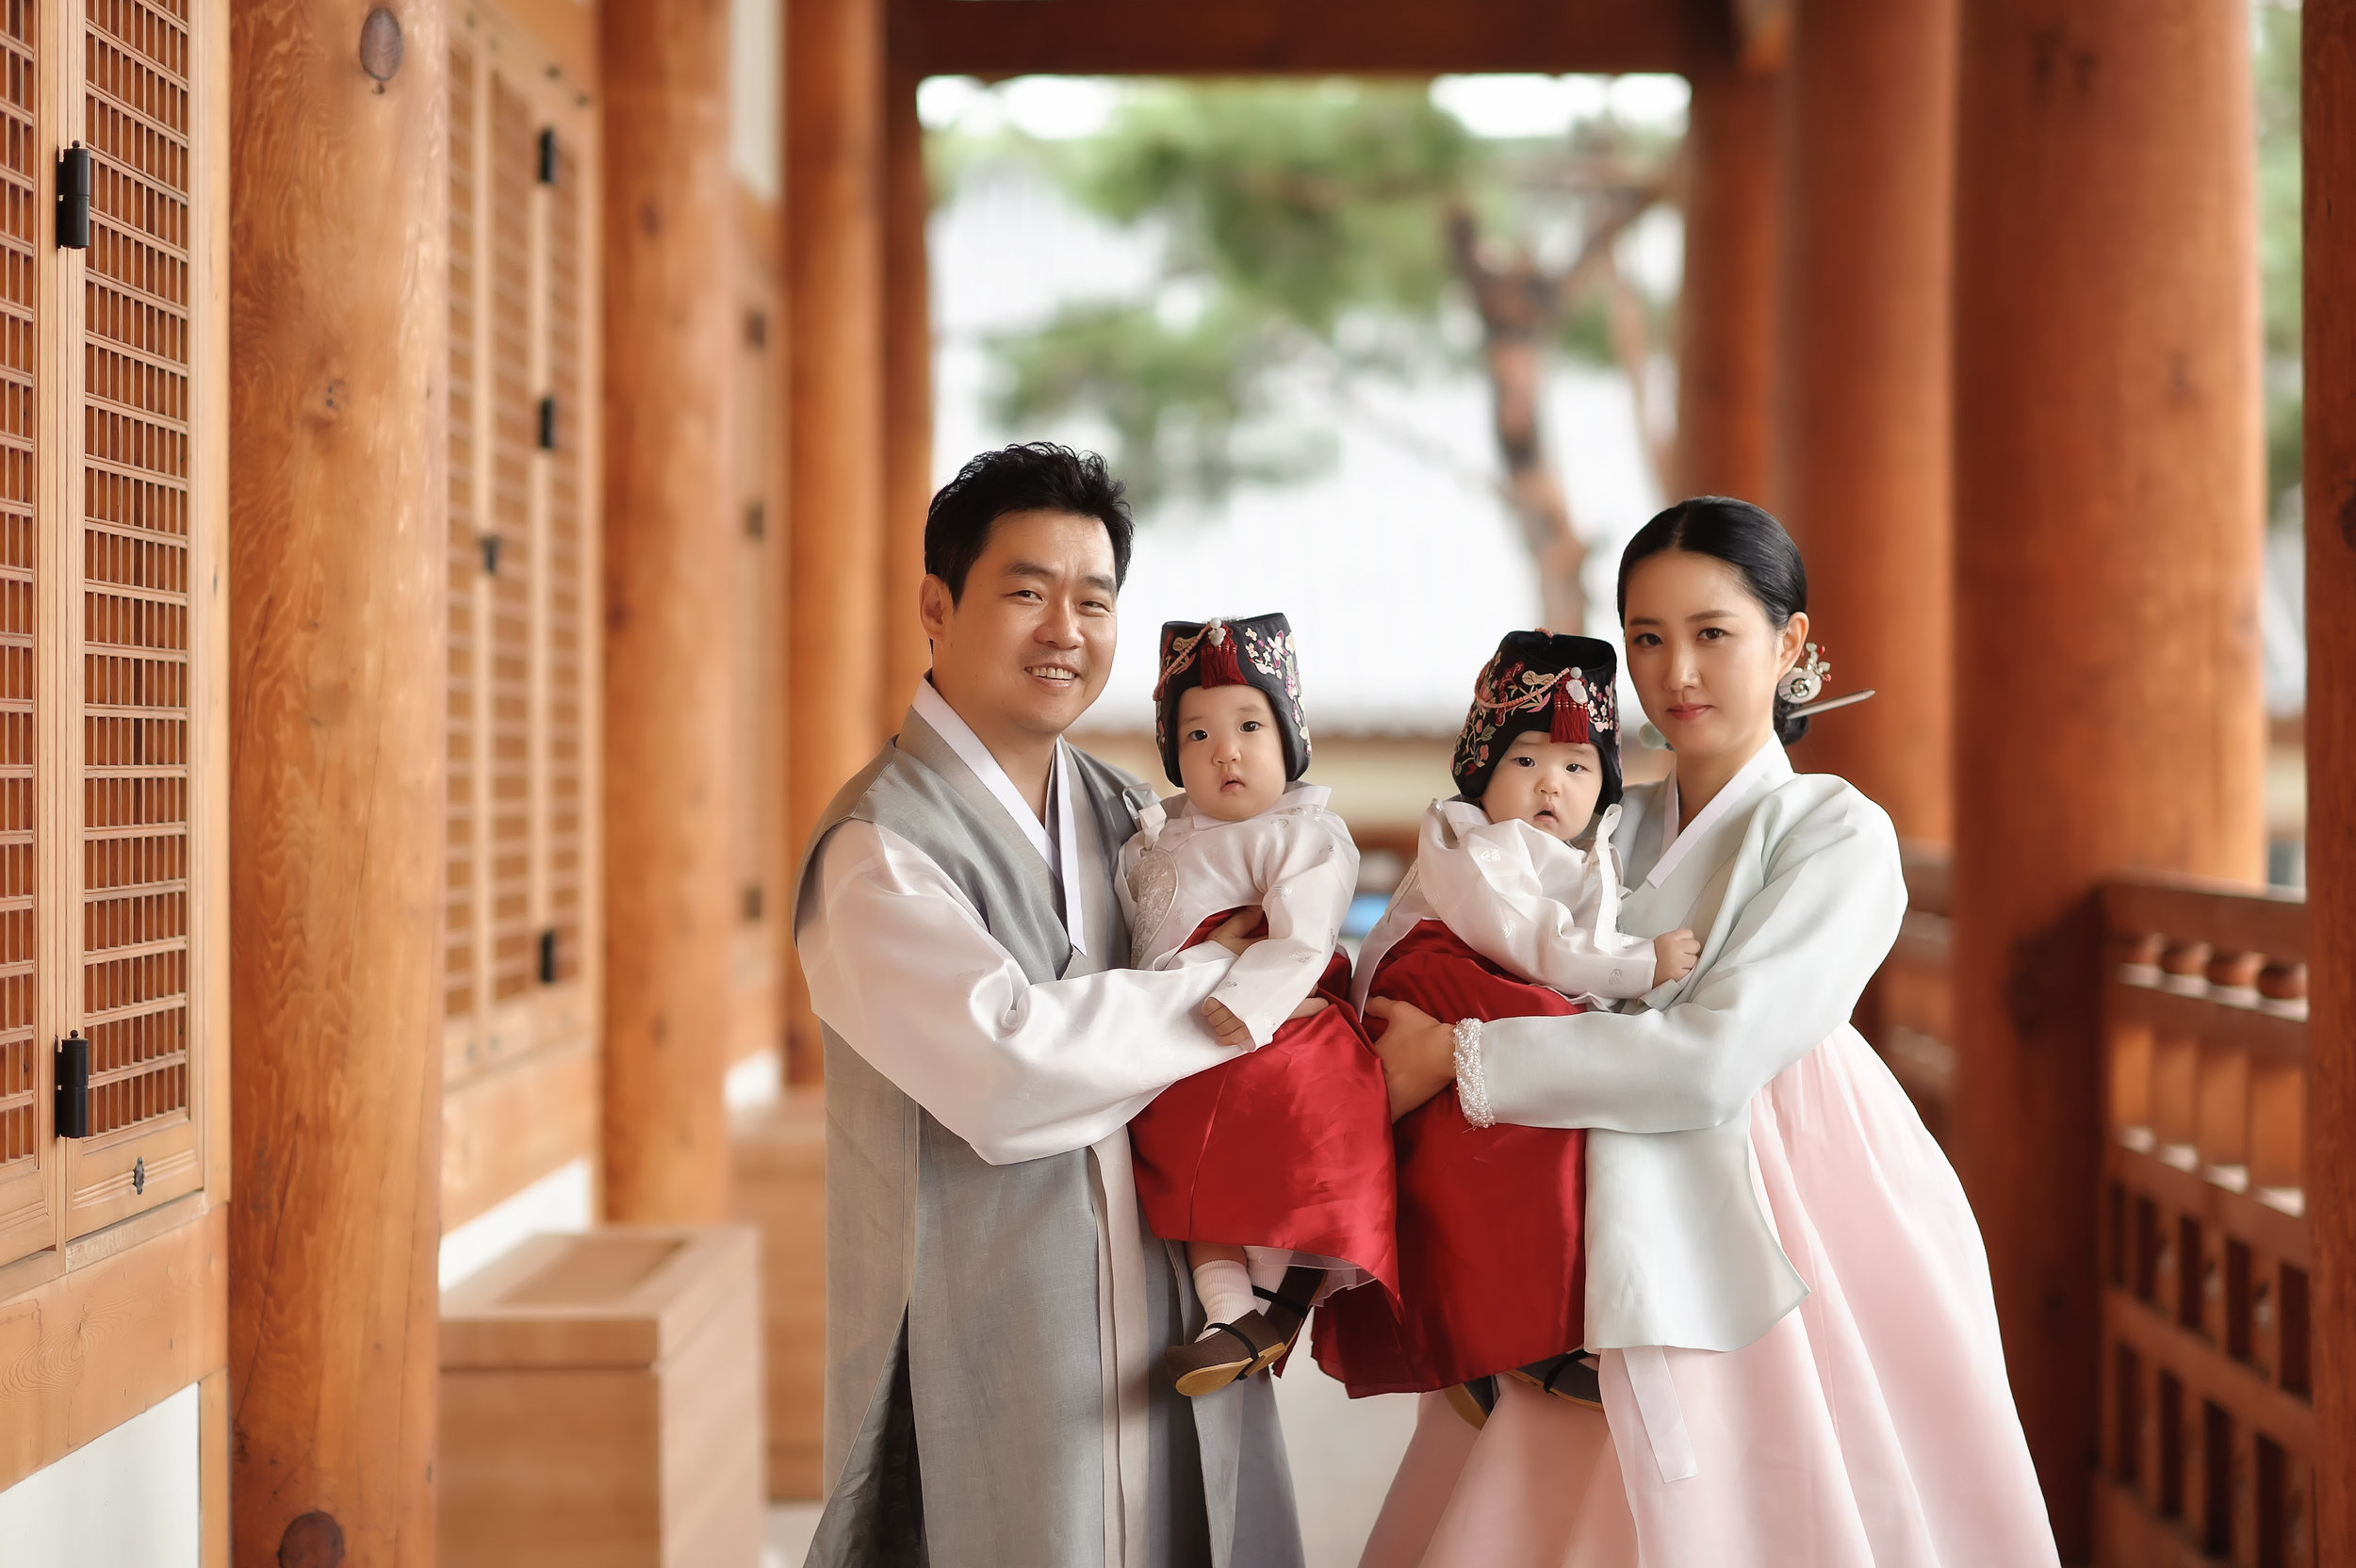 Mark Yoon | Managing Partner, Myoon LLC